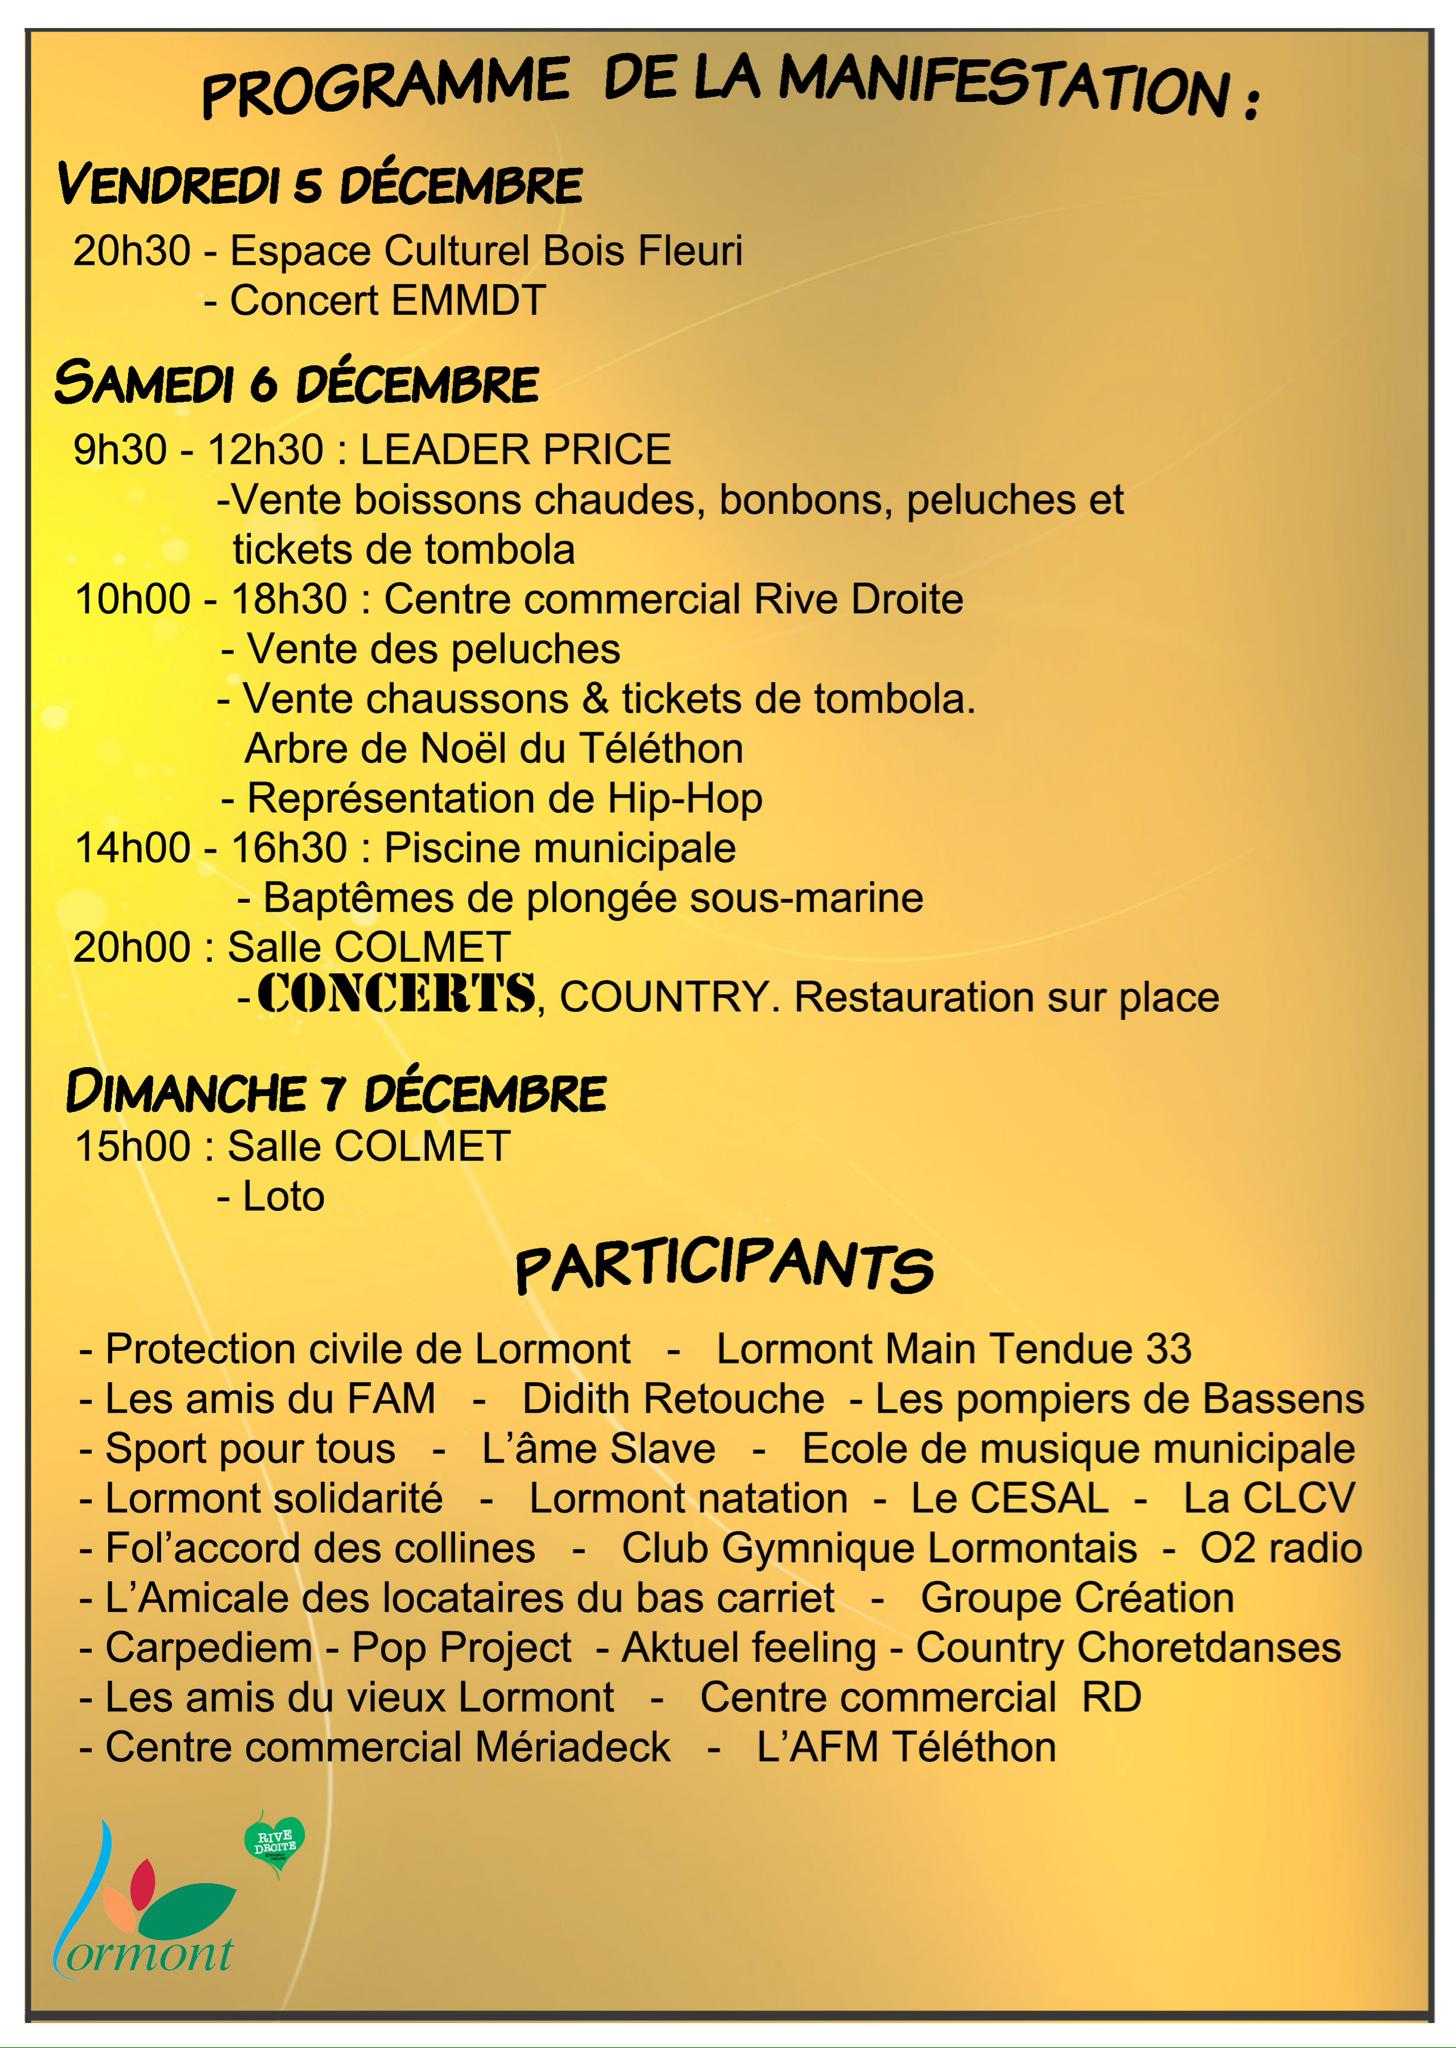 Programme-concert-téléthon-carpe_diem-2014